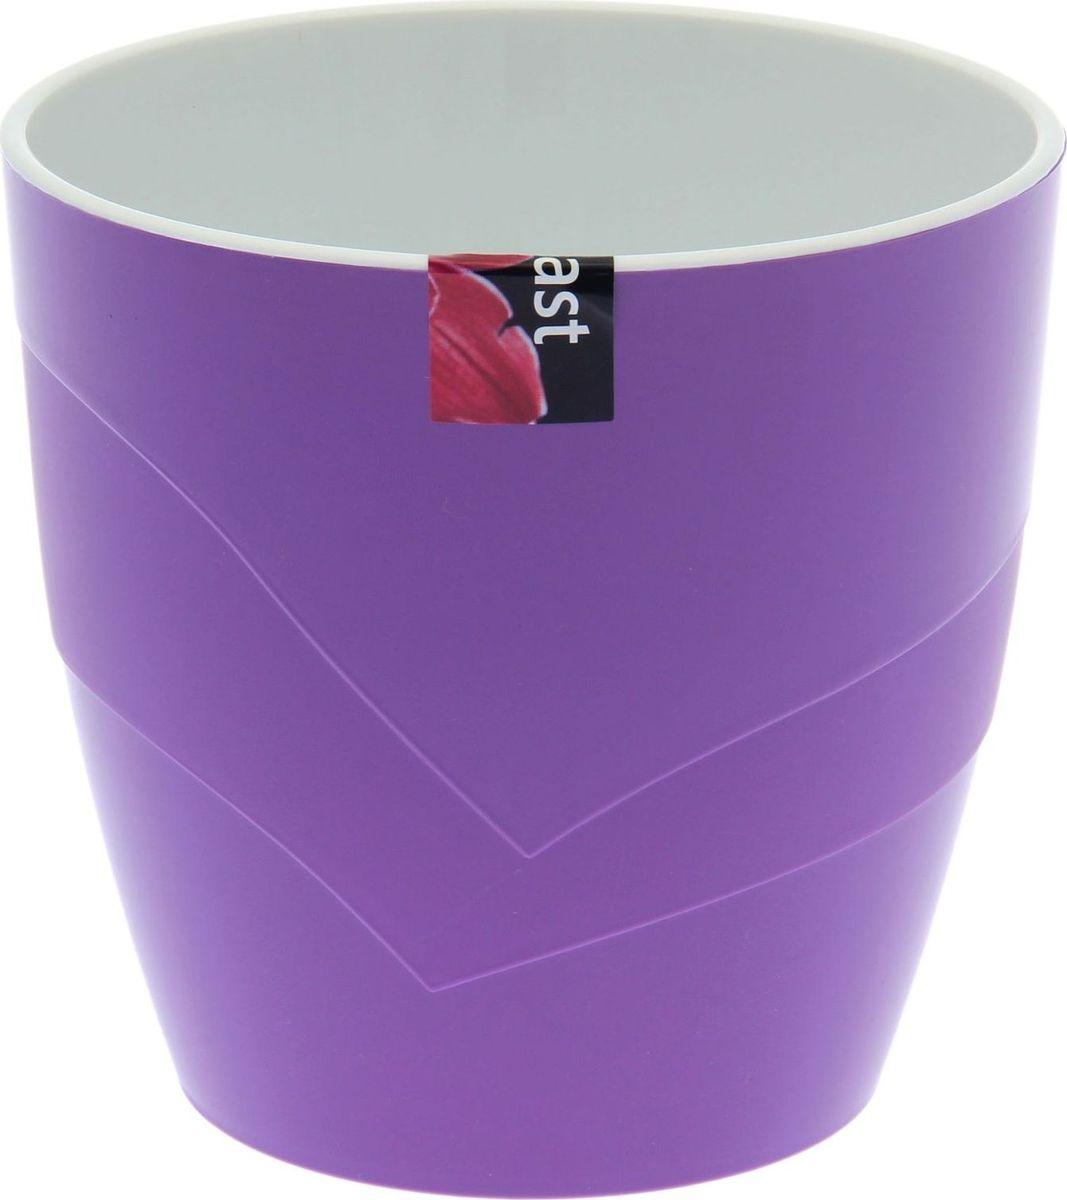 Кашпо JetPlast Грация, цвет: фиолетовый, 2 л1694313